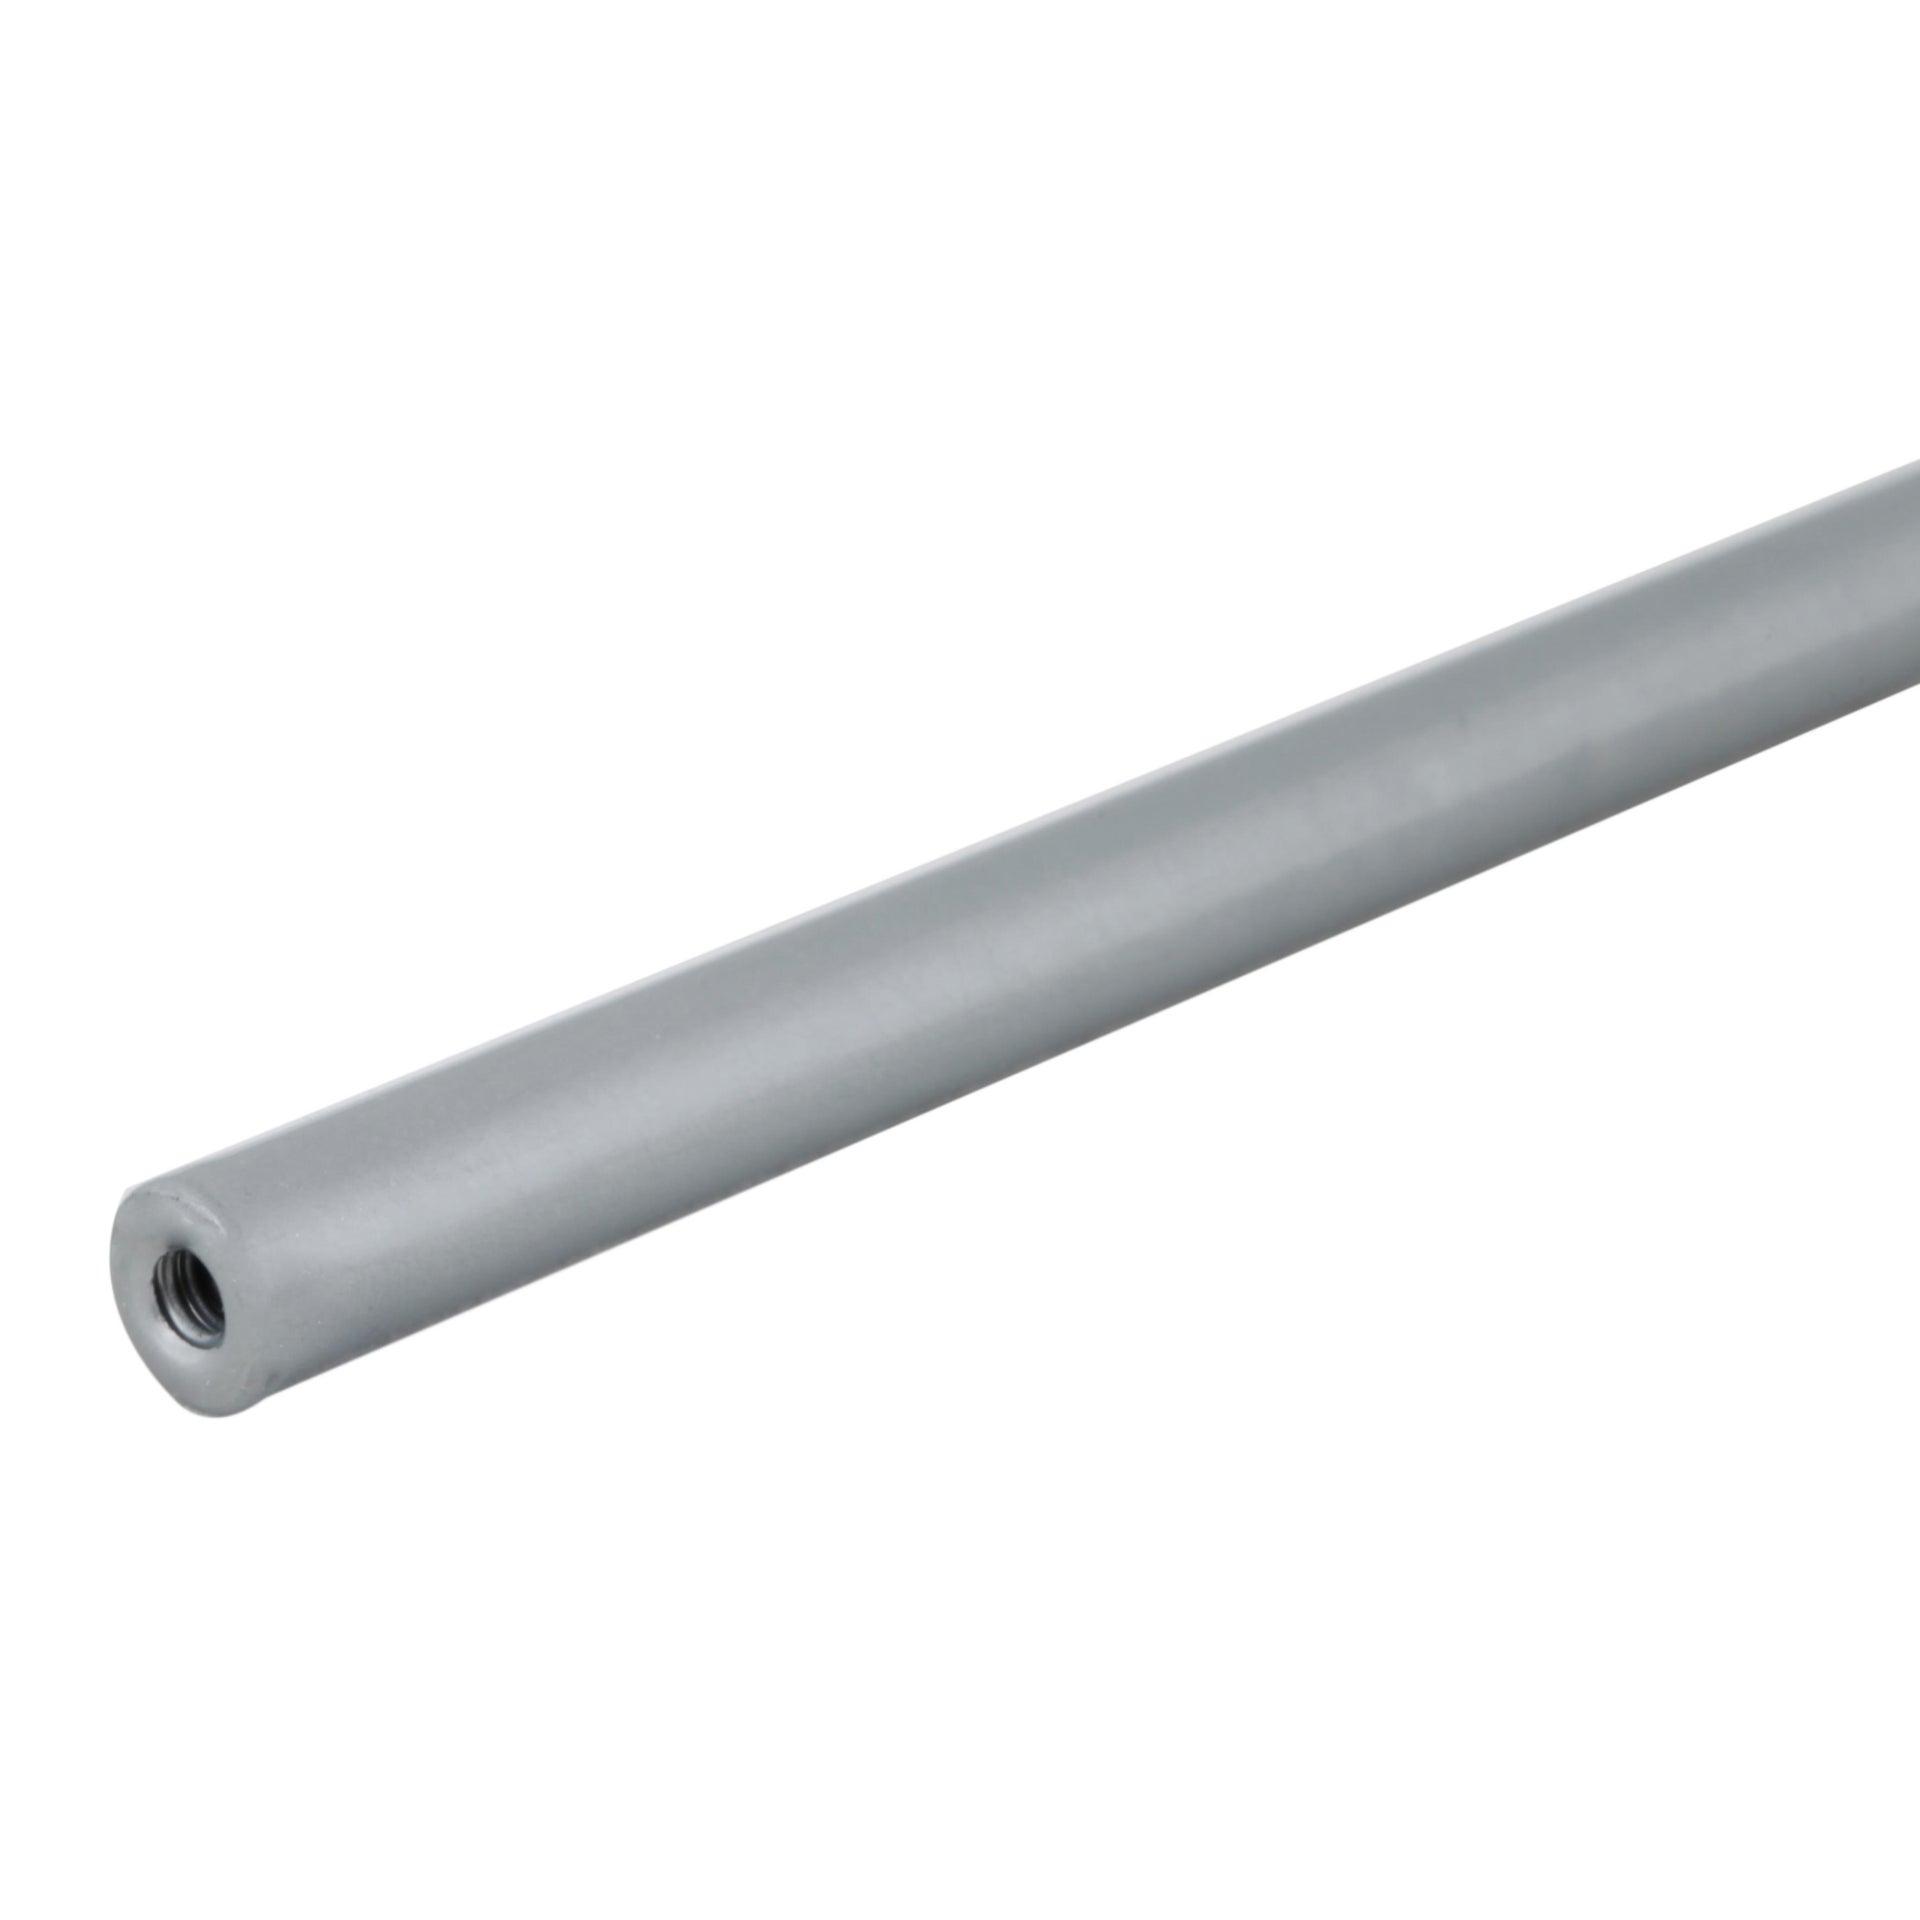 Barra portautensili in acciaio 60 x 60 x 4.5 cm - 3